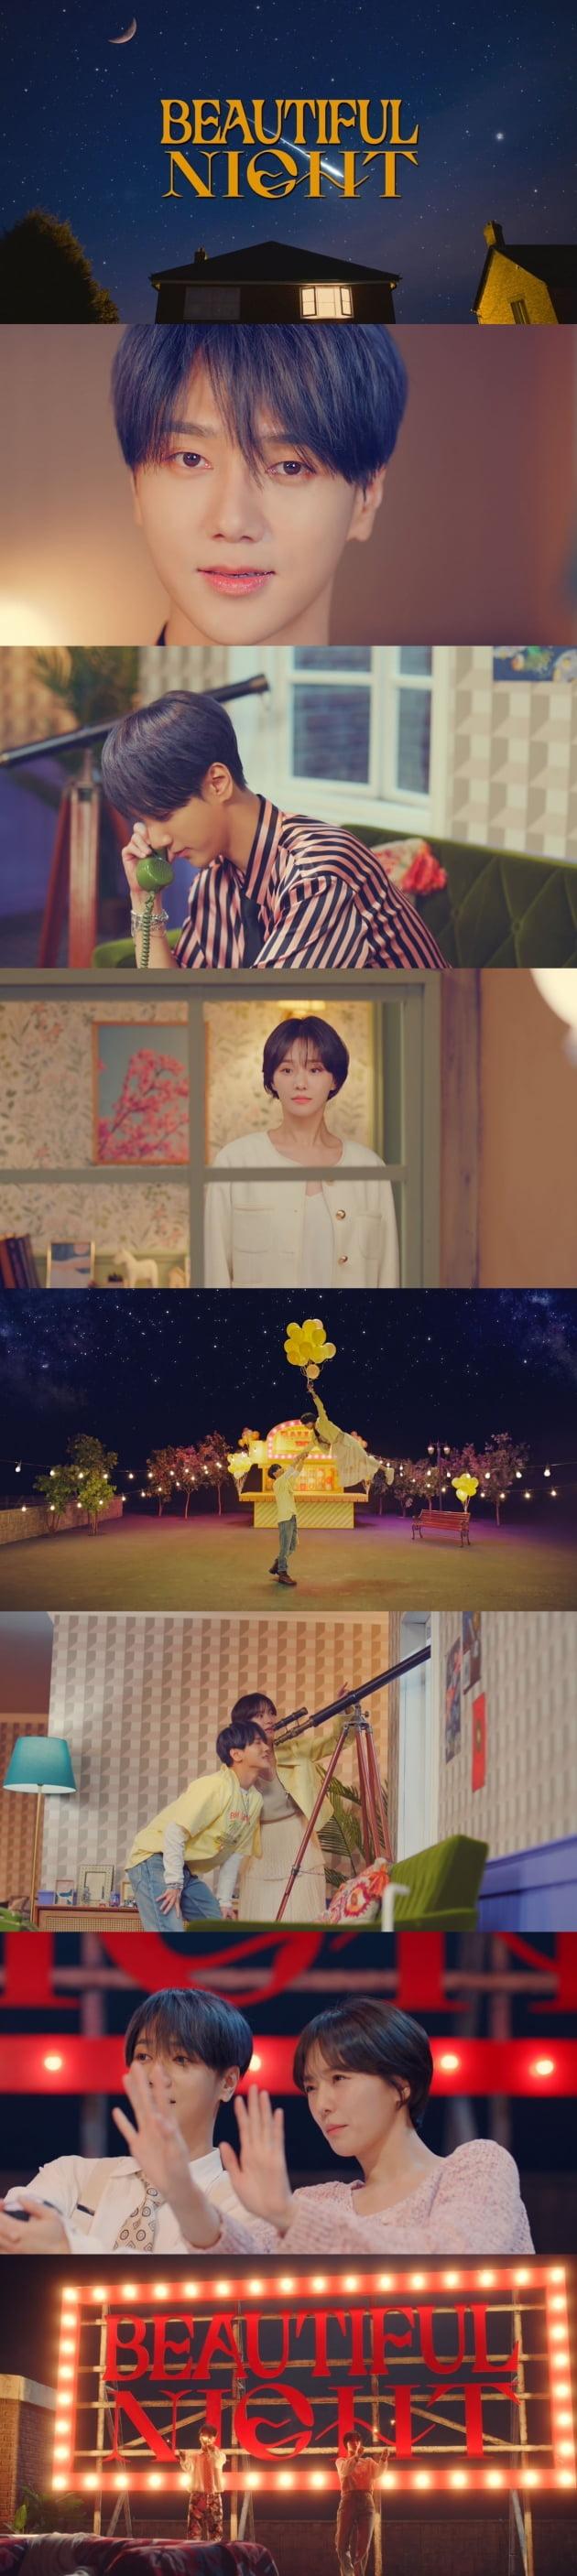 그룹 슈퍼주니어 예성 '뷰티풀 나이트' /사진=뮤직비디오 캡처